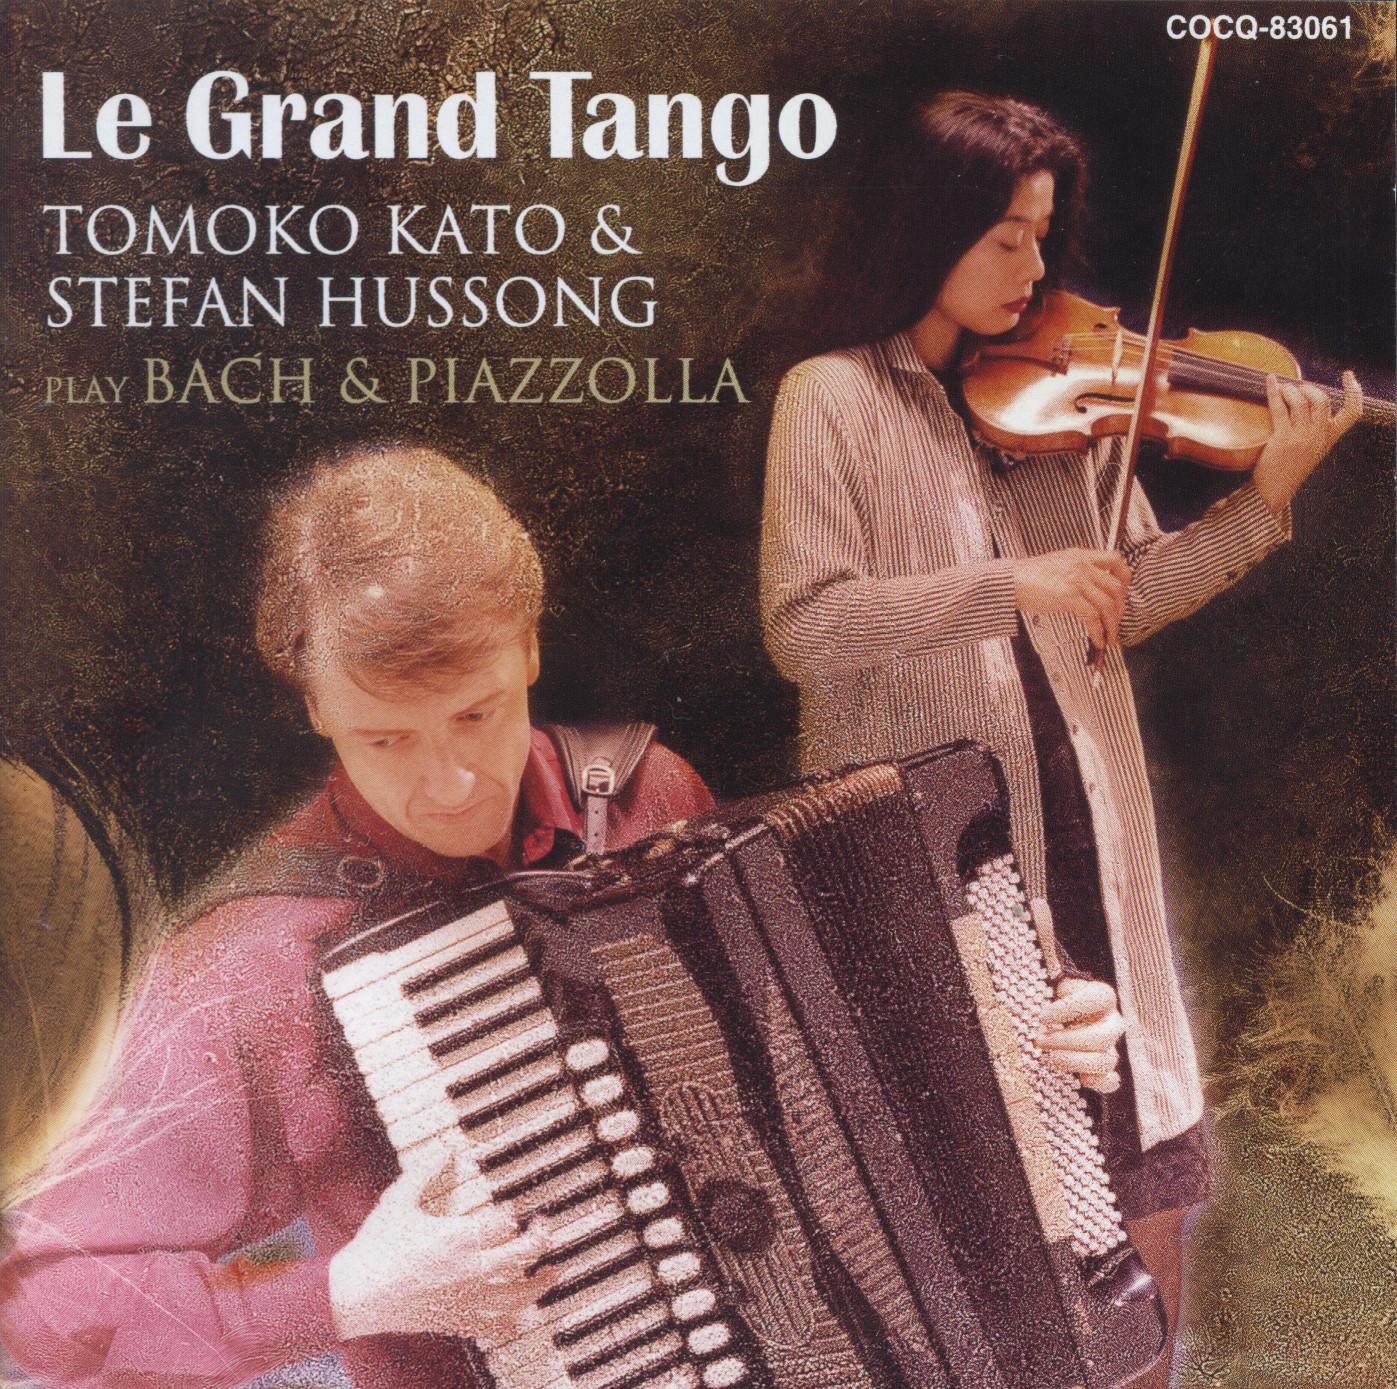 le gran tango